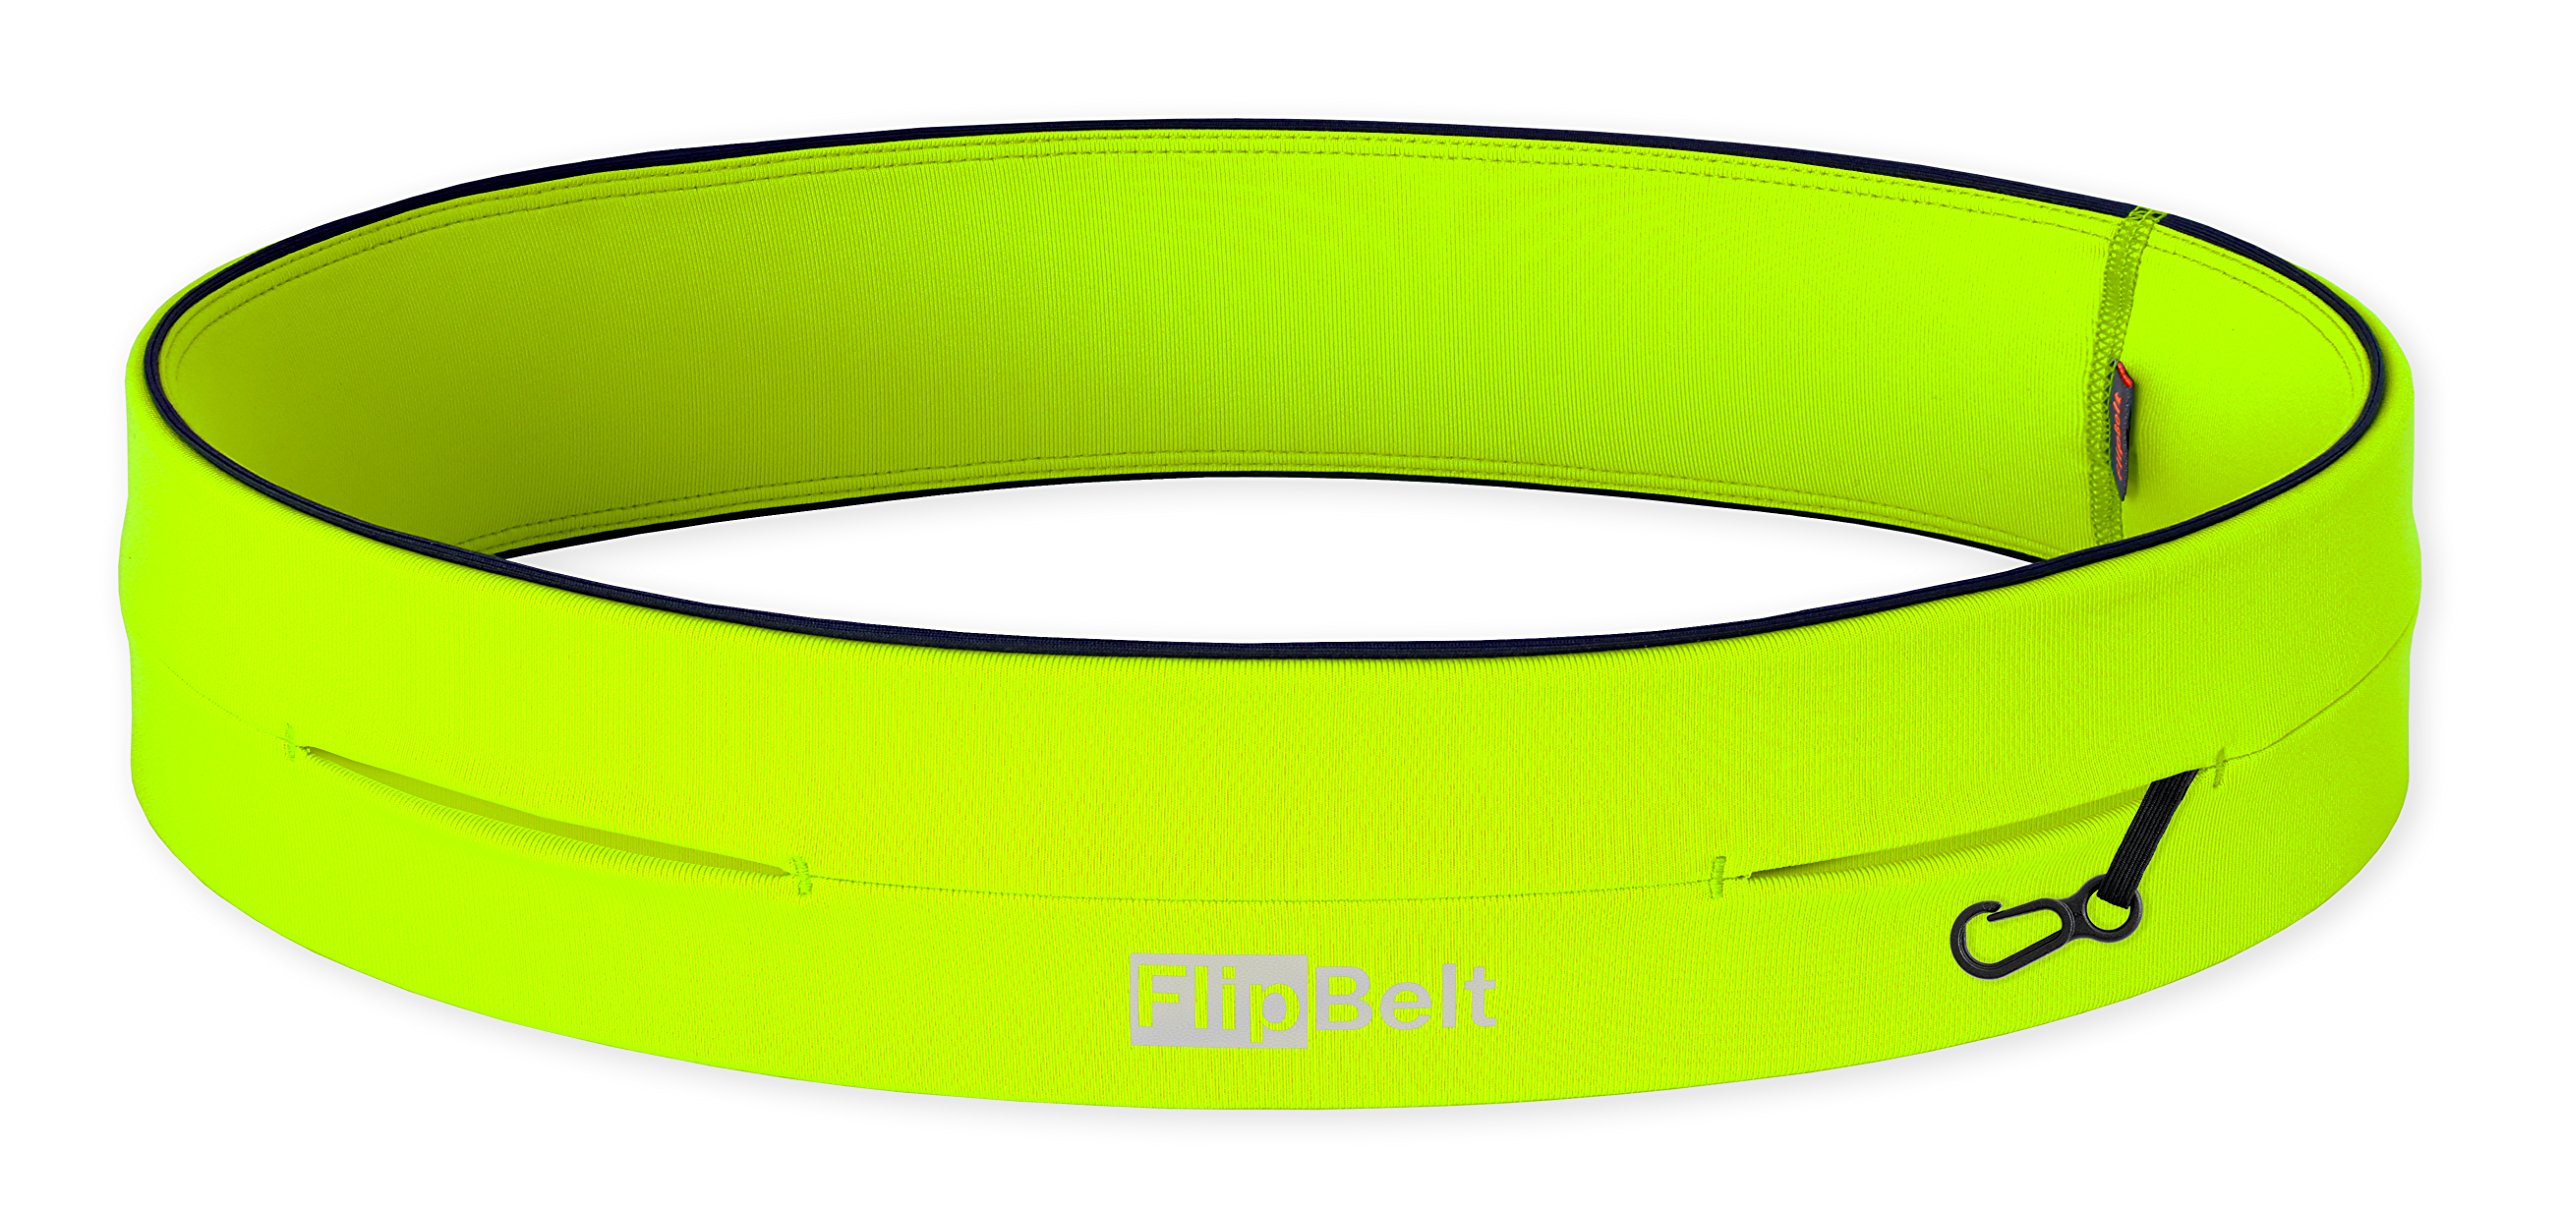 FlipBelt Level Terrain Waist Pouch, Neon Yellow, X-Small/22-25